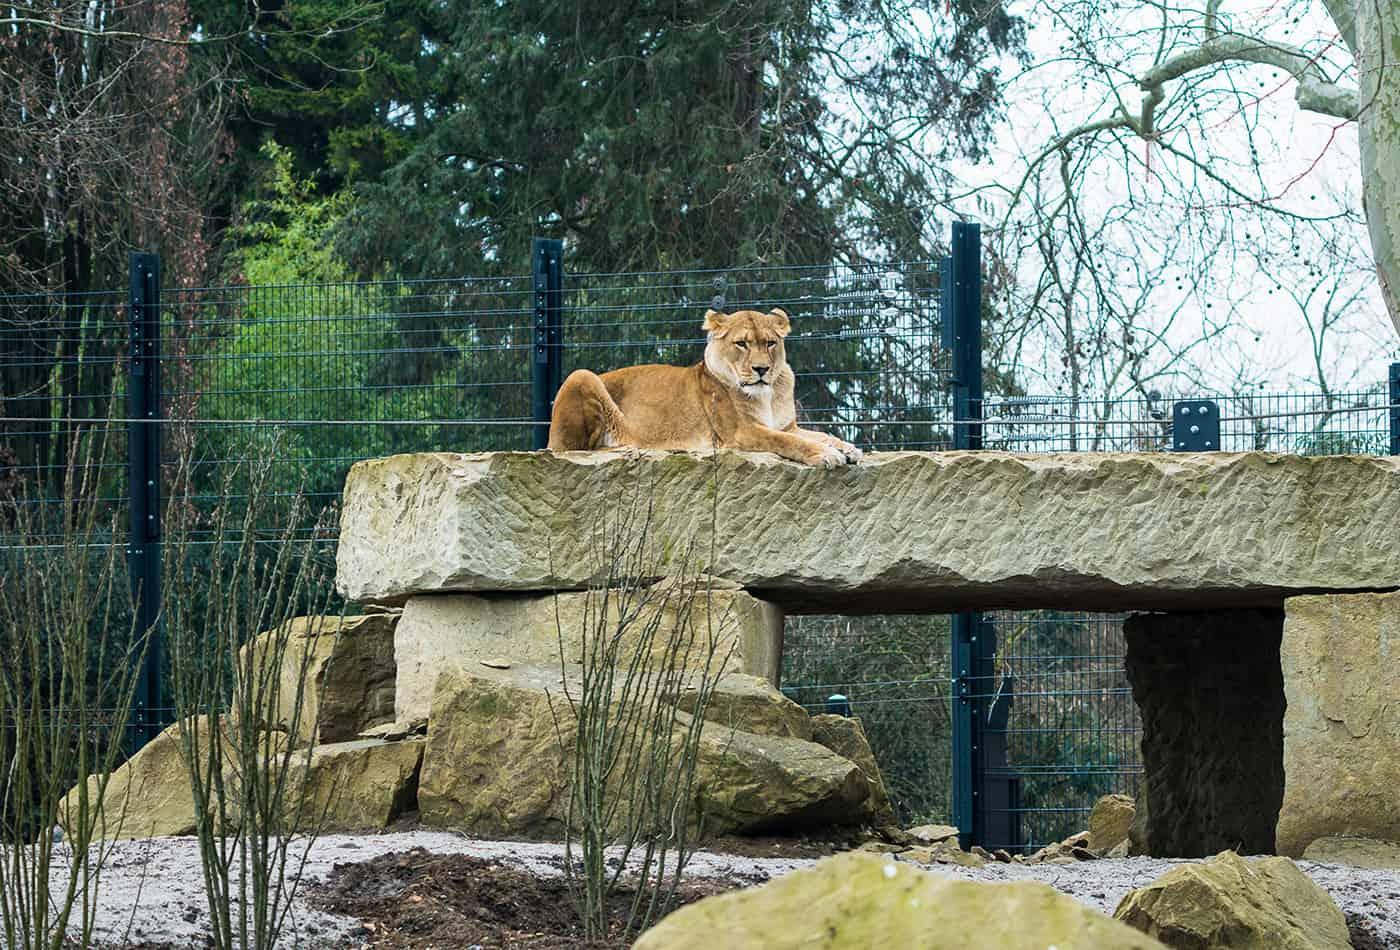 Löwenanlage im Zoo Heidelberg (Foto: Peter Bastian/Zoo Heidelberg)